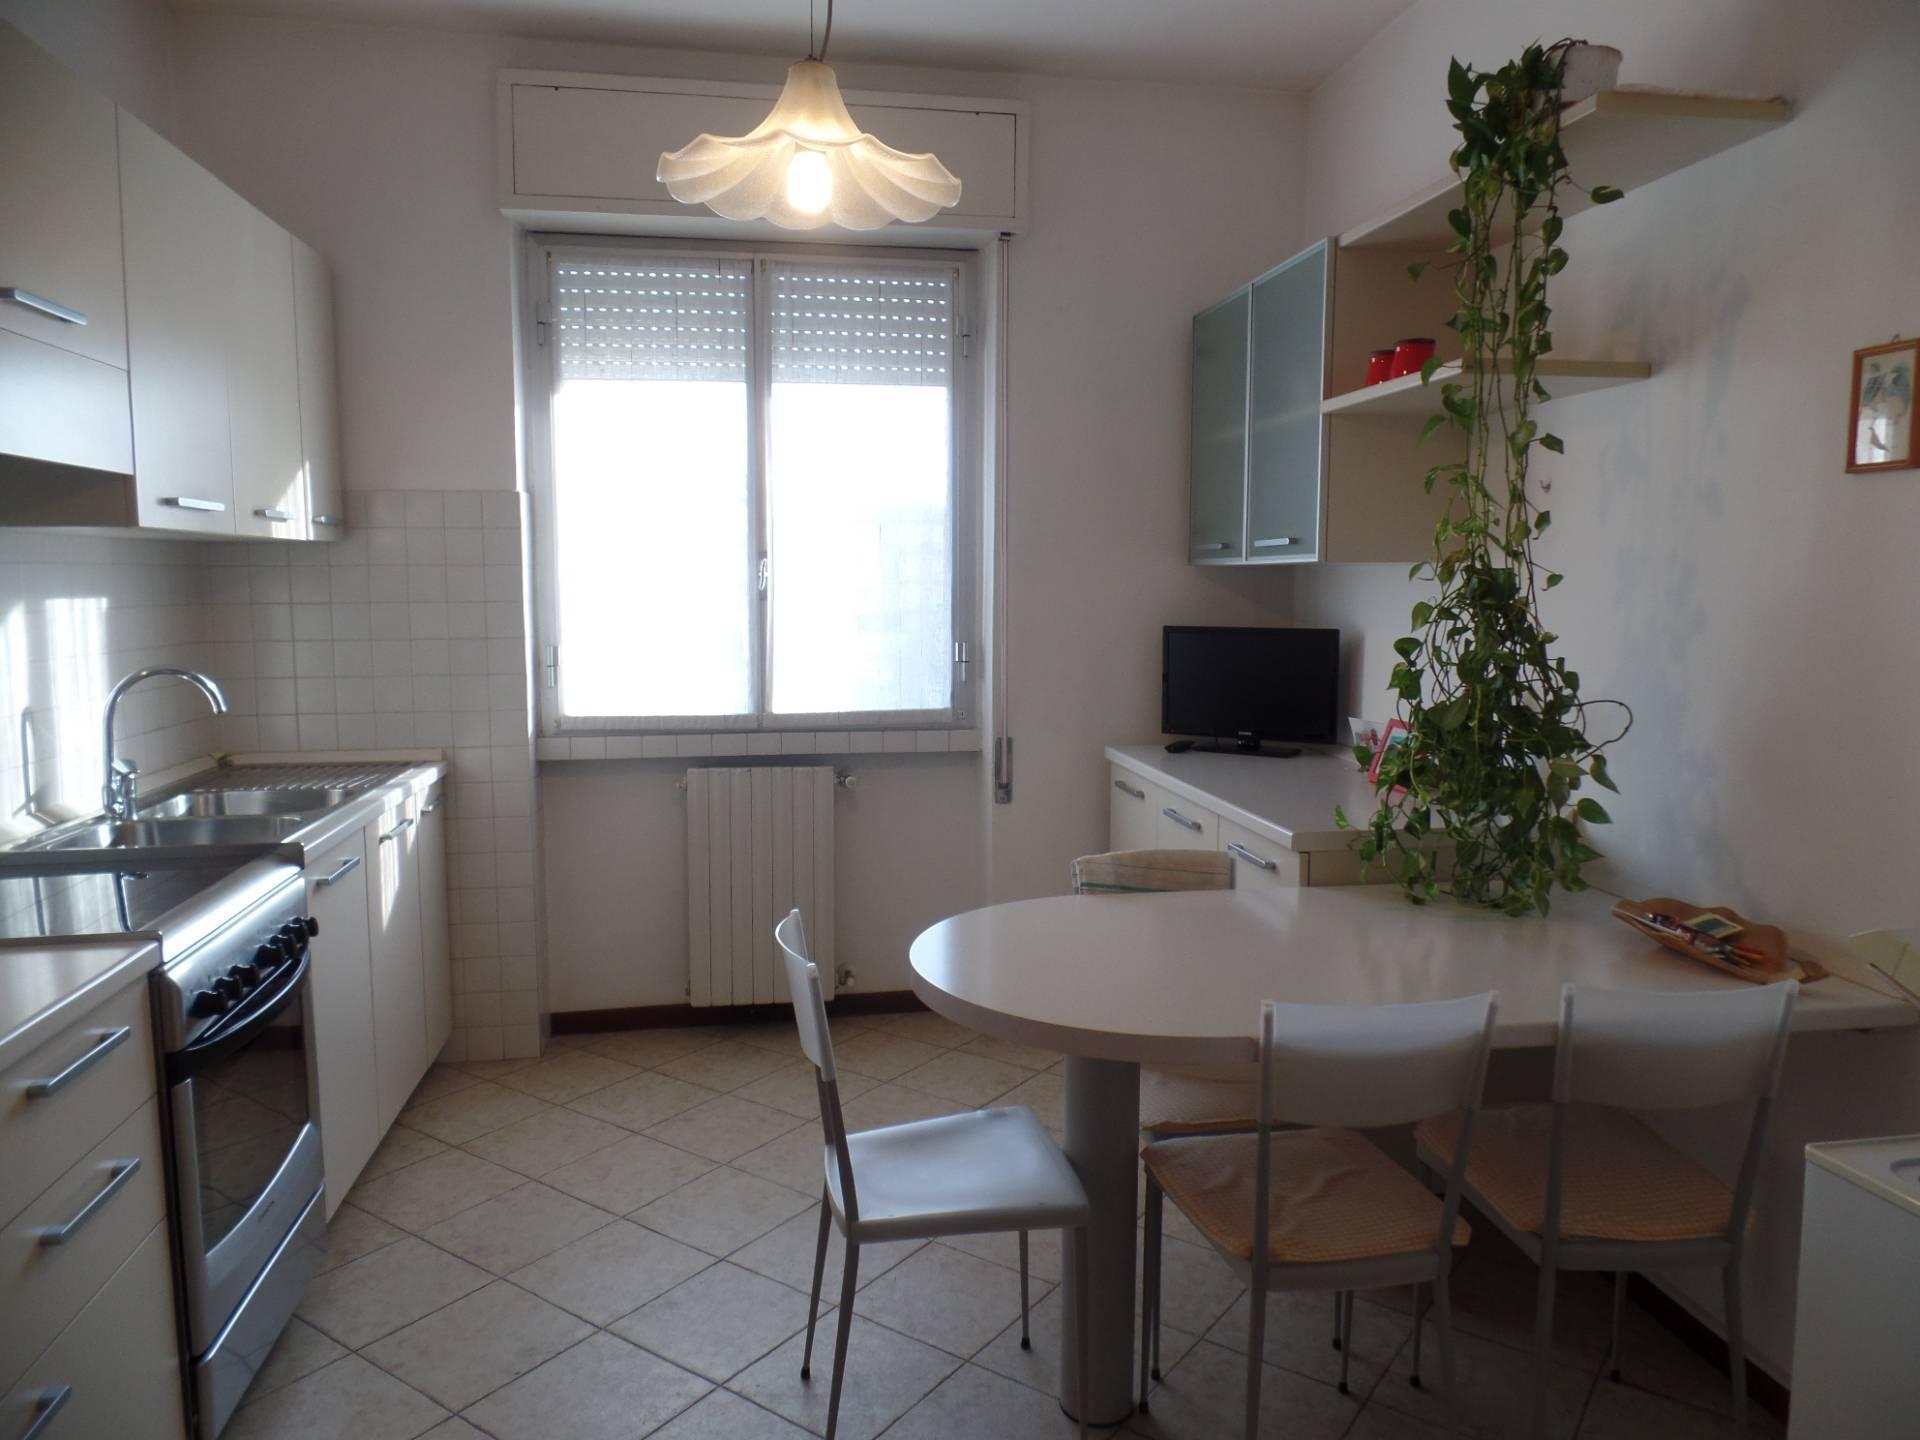 Appartamento in vendita a Grumello del Monte, 3 locali, prezzo € 137.000 | CambioCasa.it